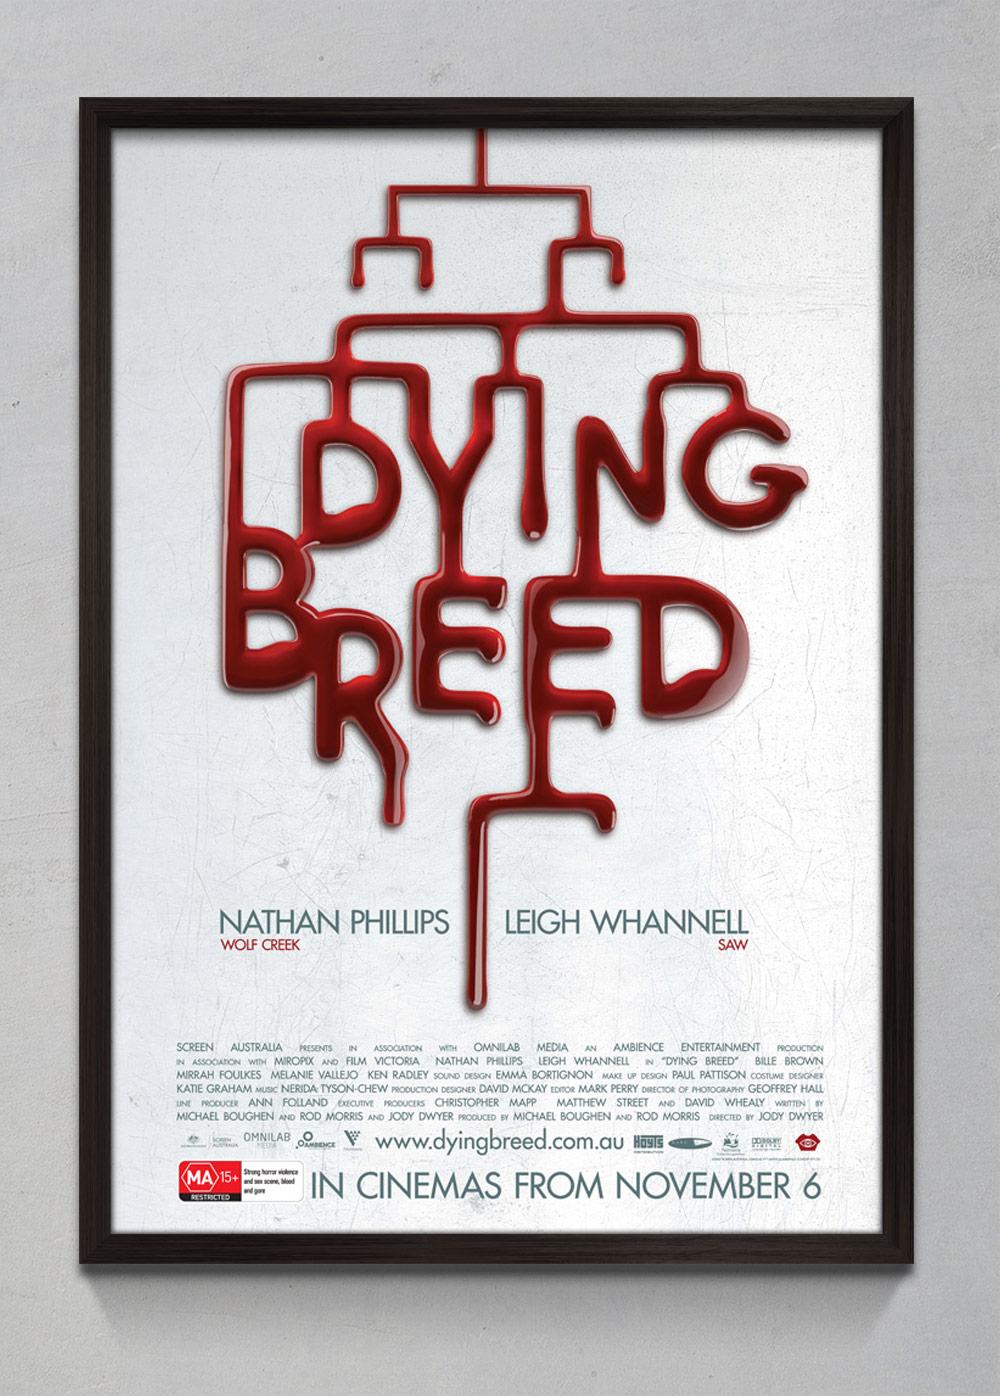 DyingBreed_Poster_Framed_04.jpg